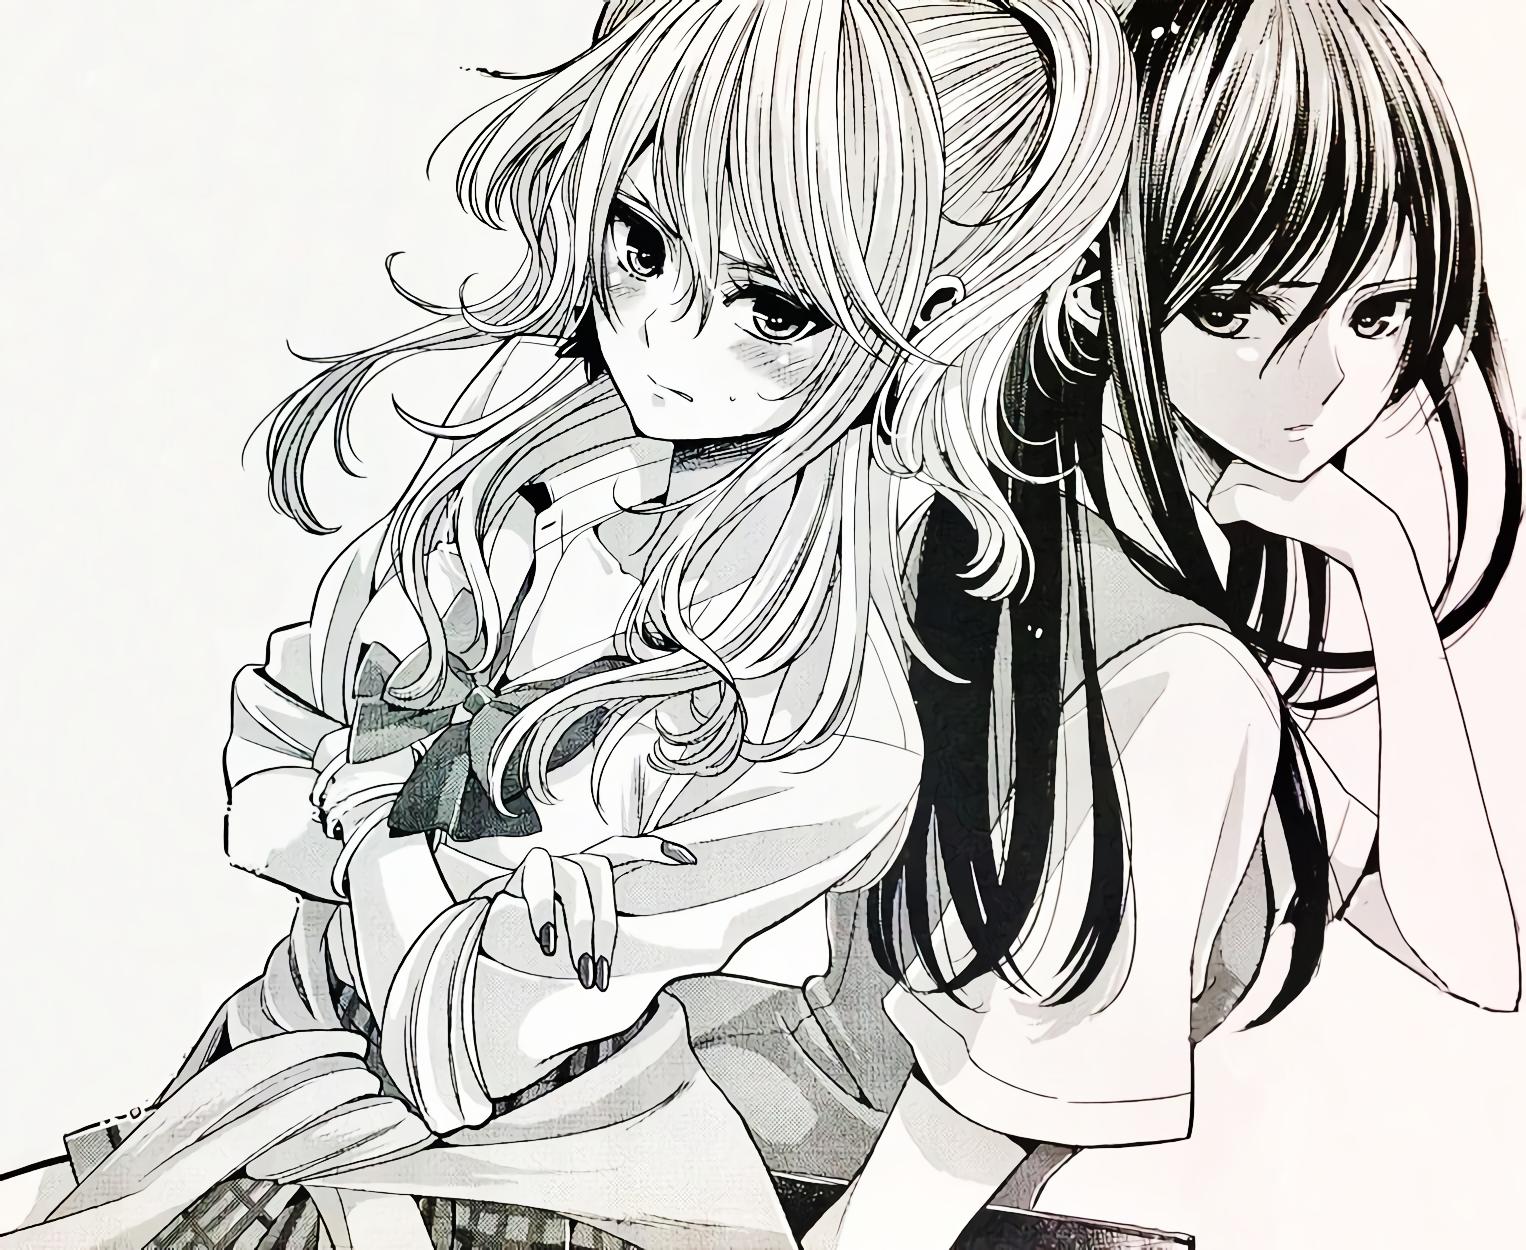 シトラス Citrus アニメ Yuzu X Mei Saburouta サブロウタ Citrus Manga Citrus Image Yuri Manga